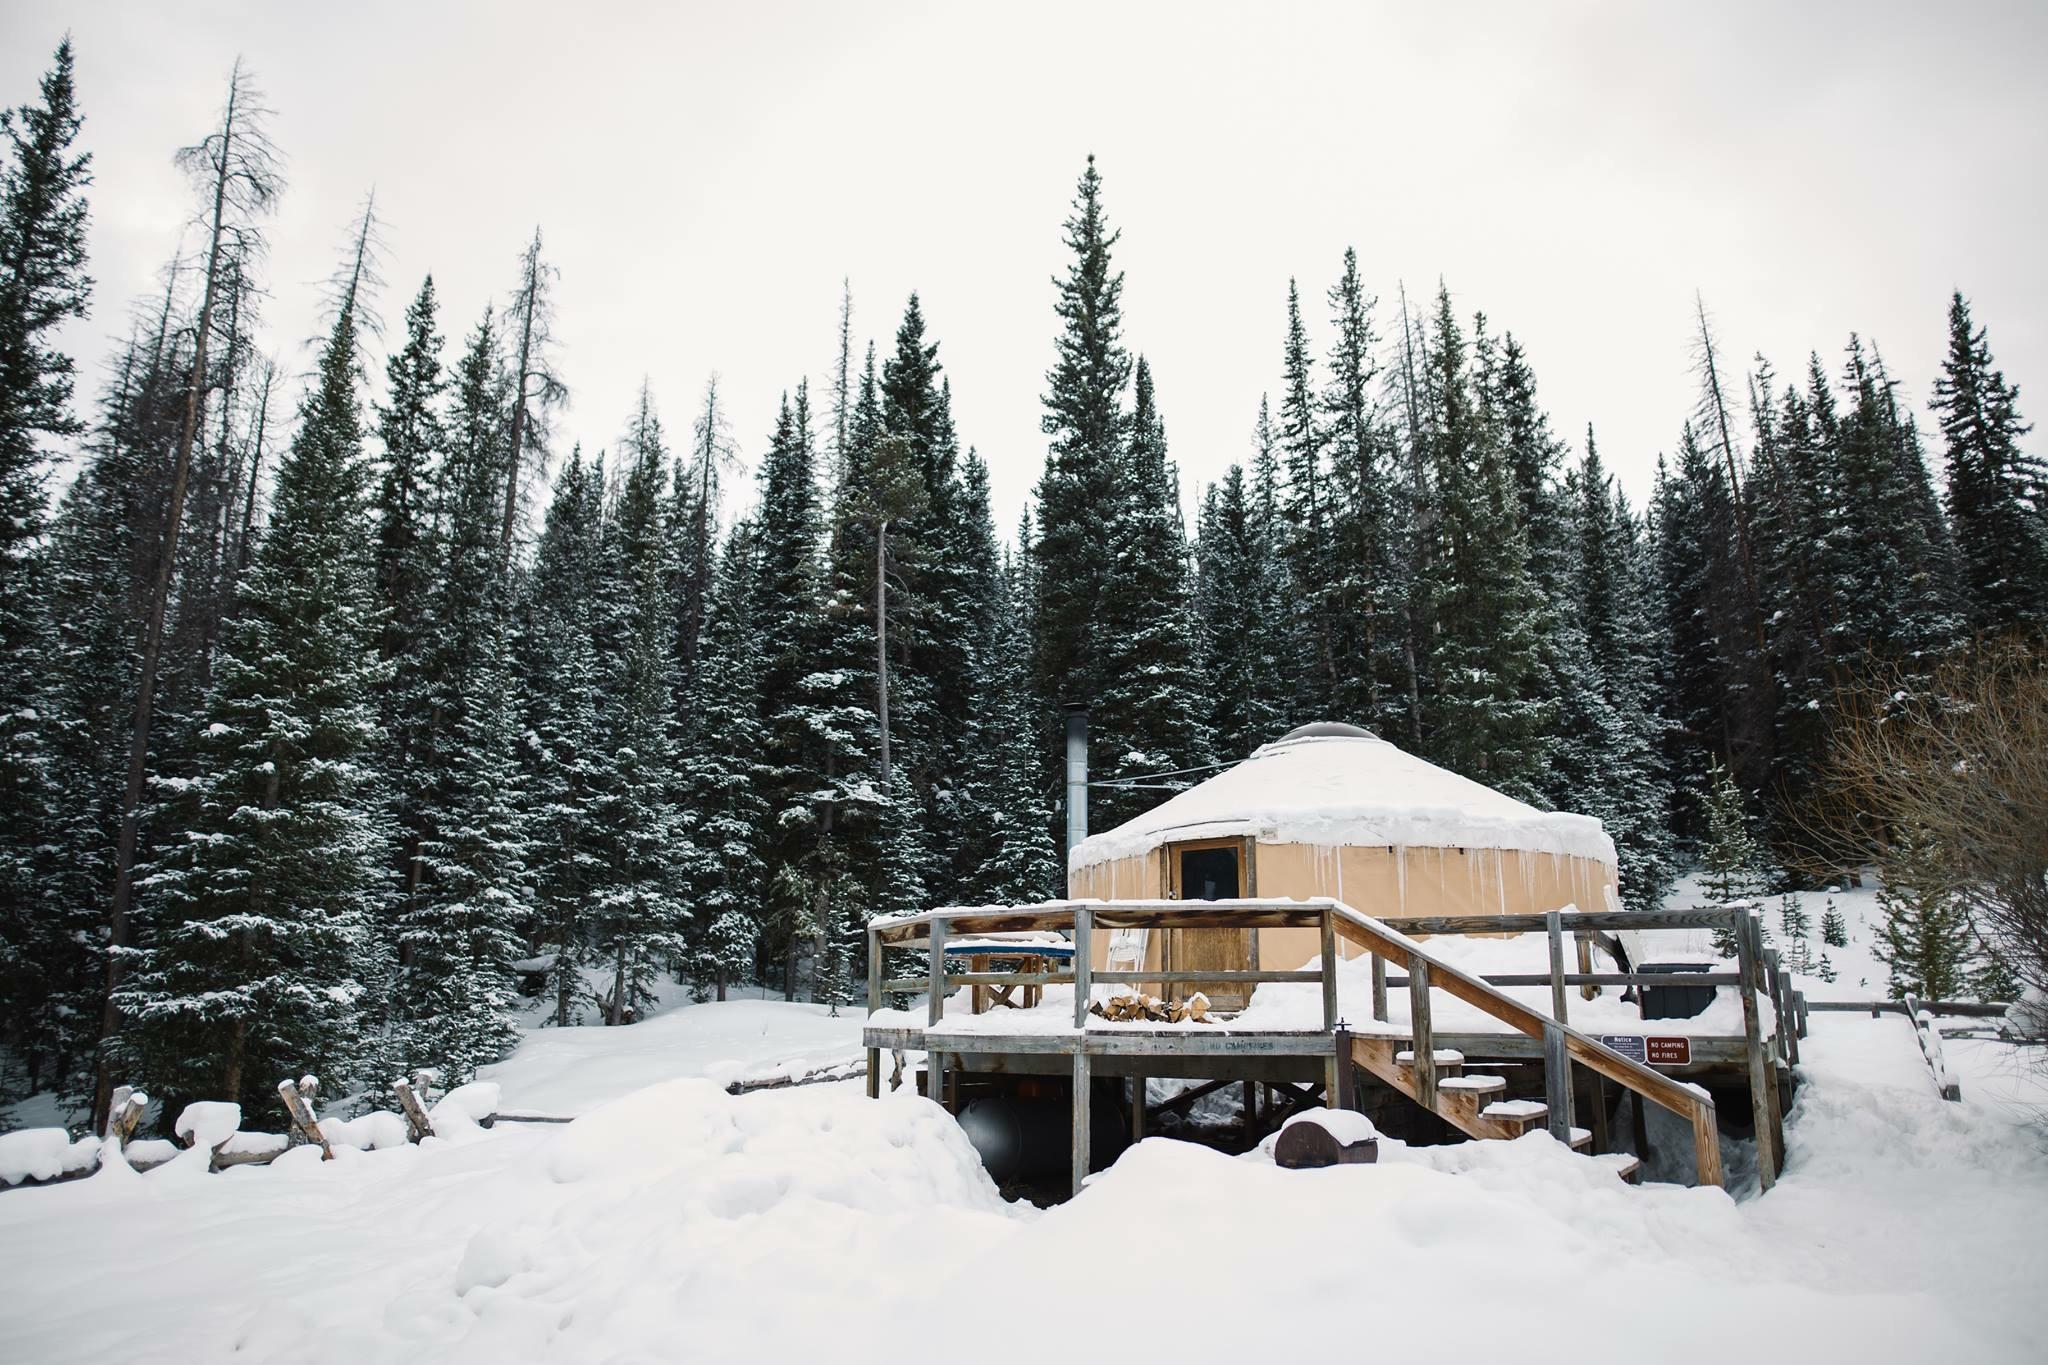 Dancing Moose Yurt